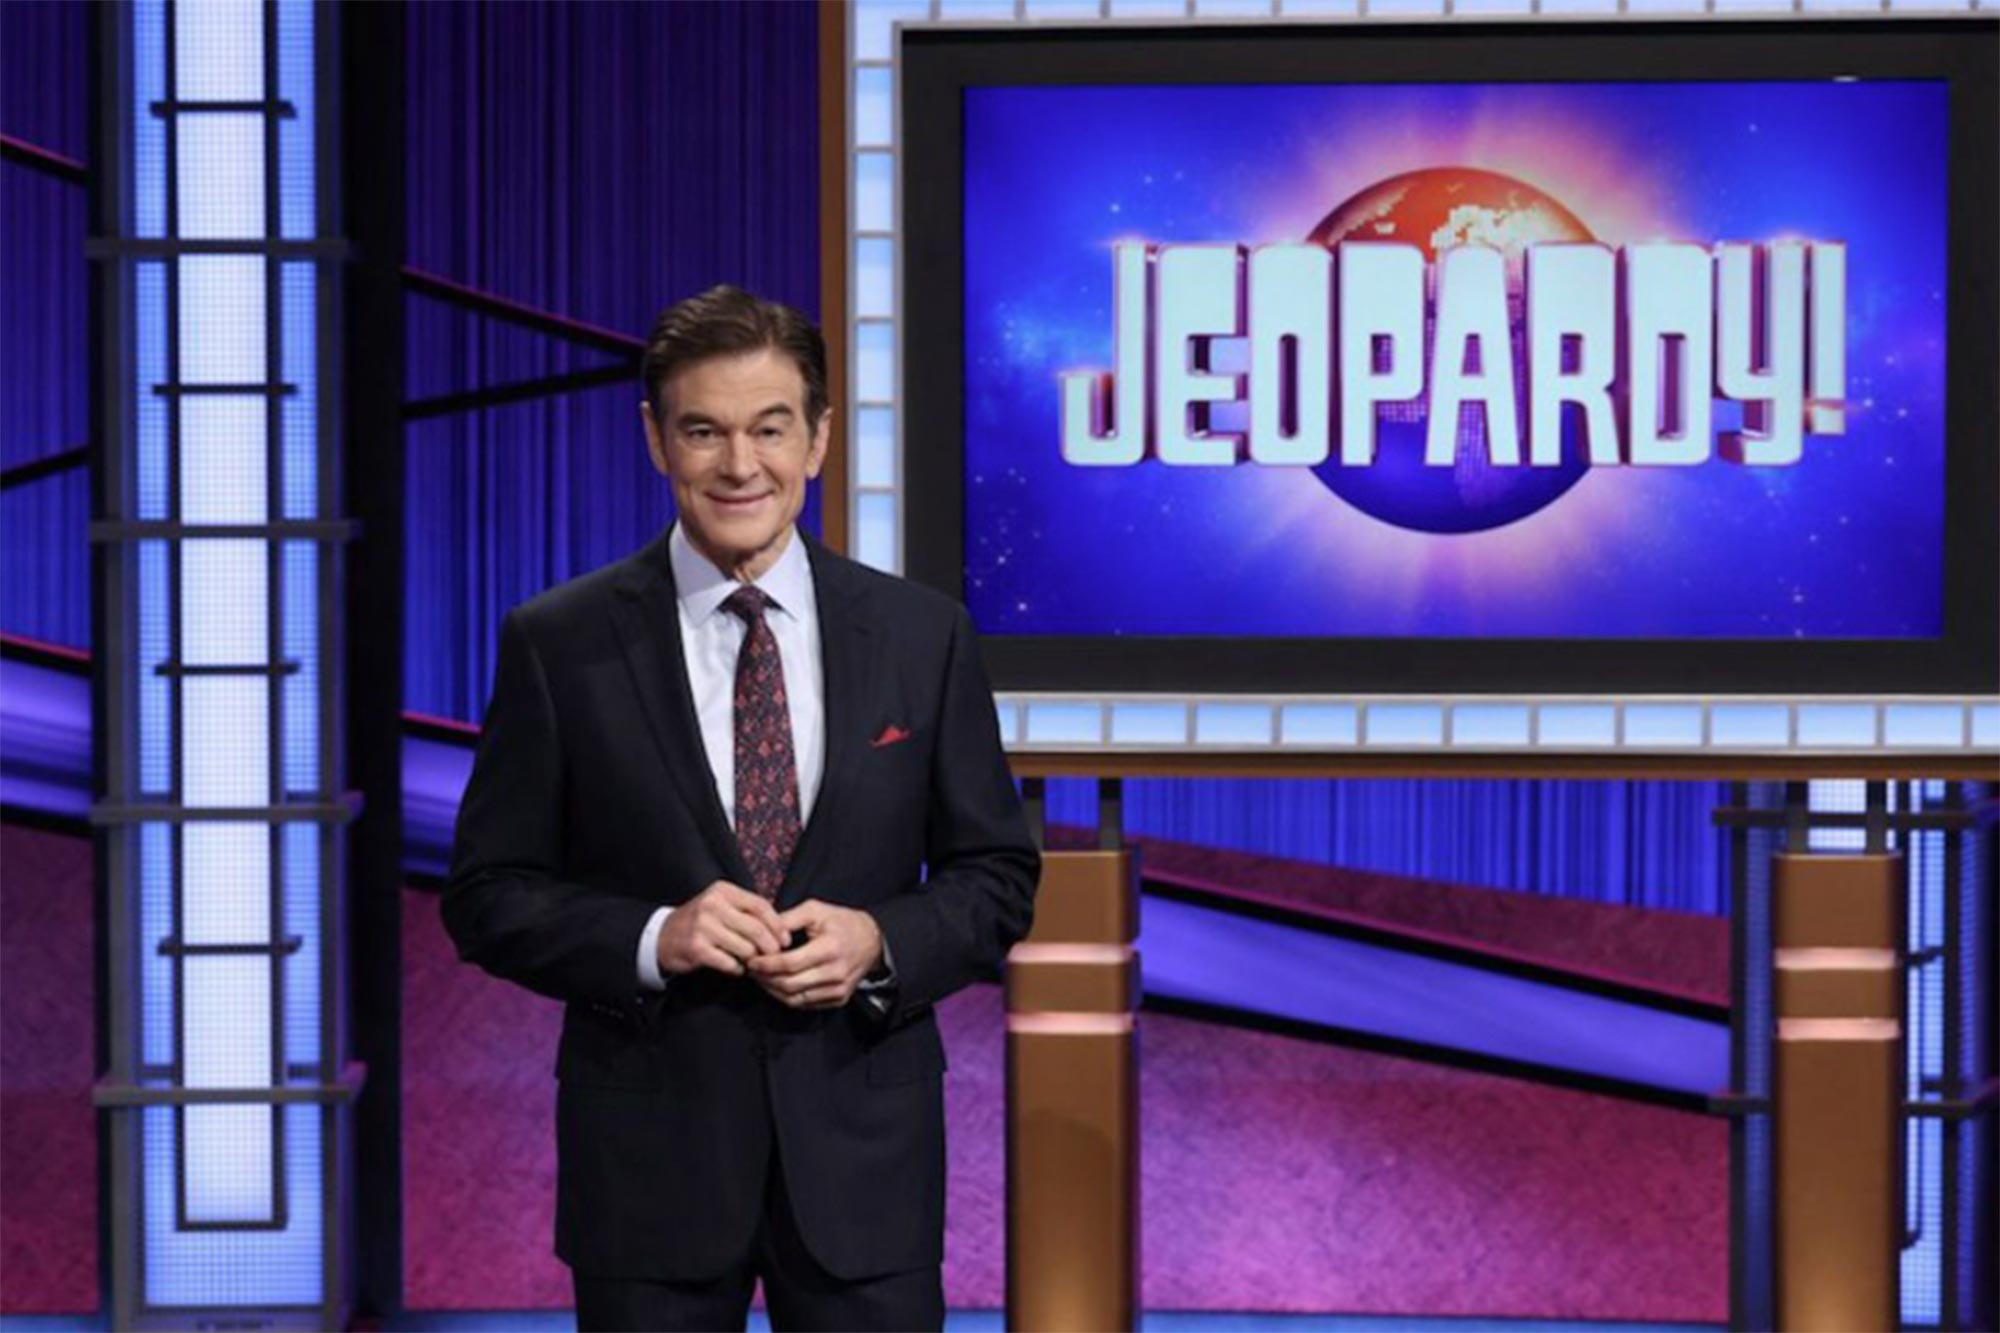 Dr. Oz hosts Jeopardy